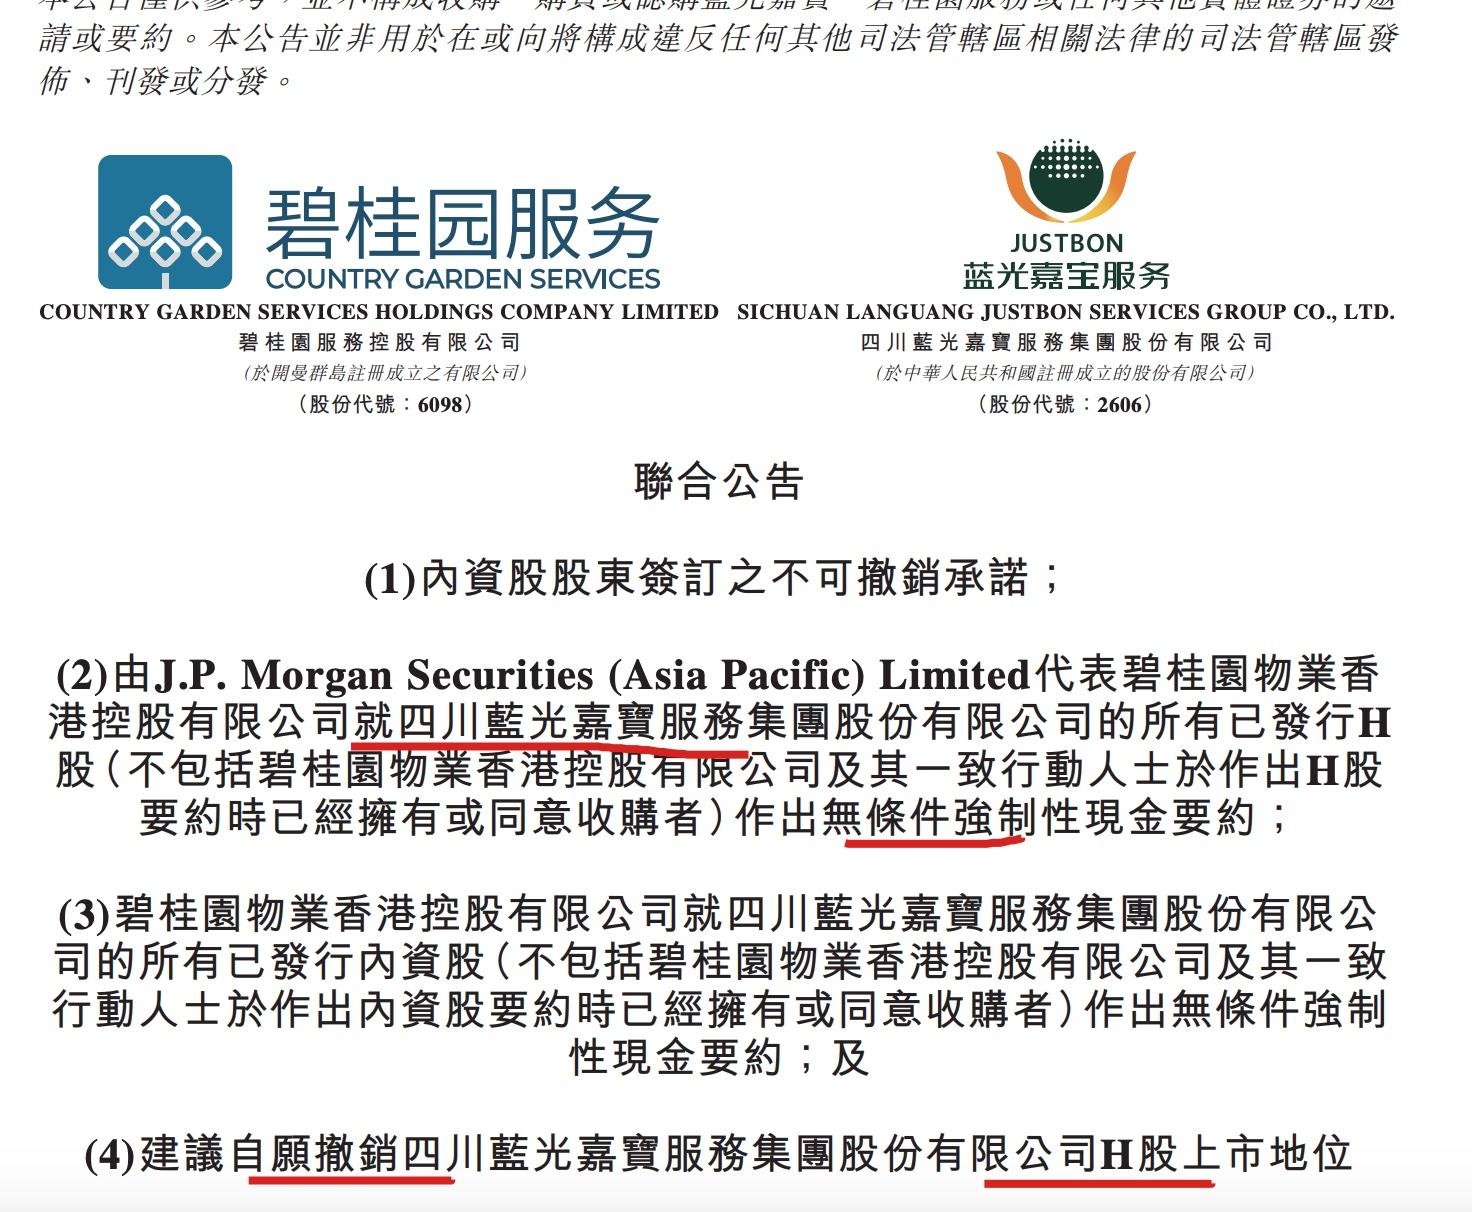 碧桂园服务、蓝光嘉宝联合公告称:蓝光嘉宝将于7月22日在港交所除牌